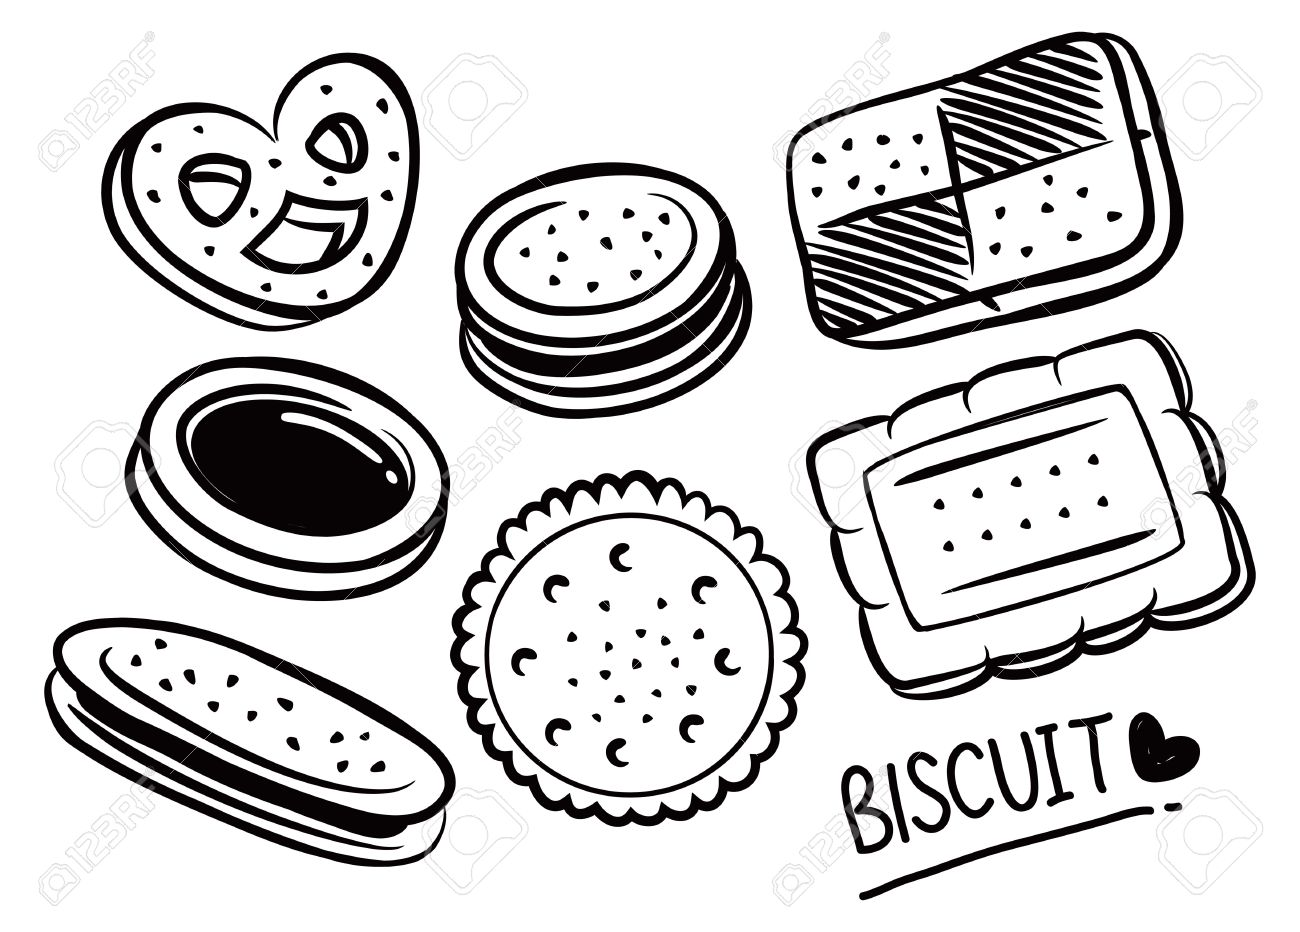 Печенья. Раскраски печенья. Раскраски для детей на тему еда. Раскраски на тему сладости, выпечка. Раскраски для детей с печеньями. Скачать раскраски с печеньями.